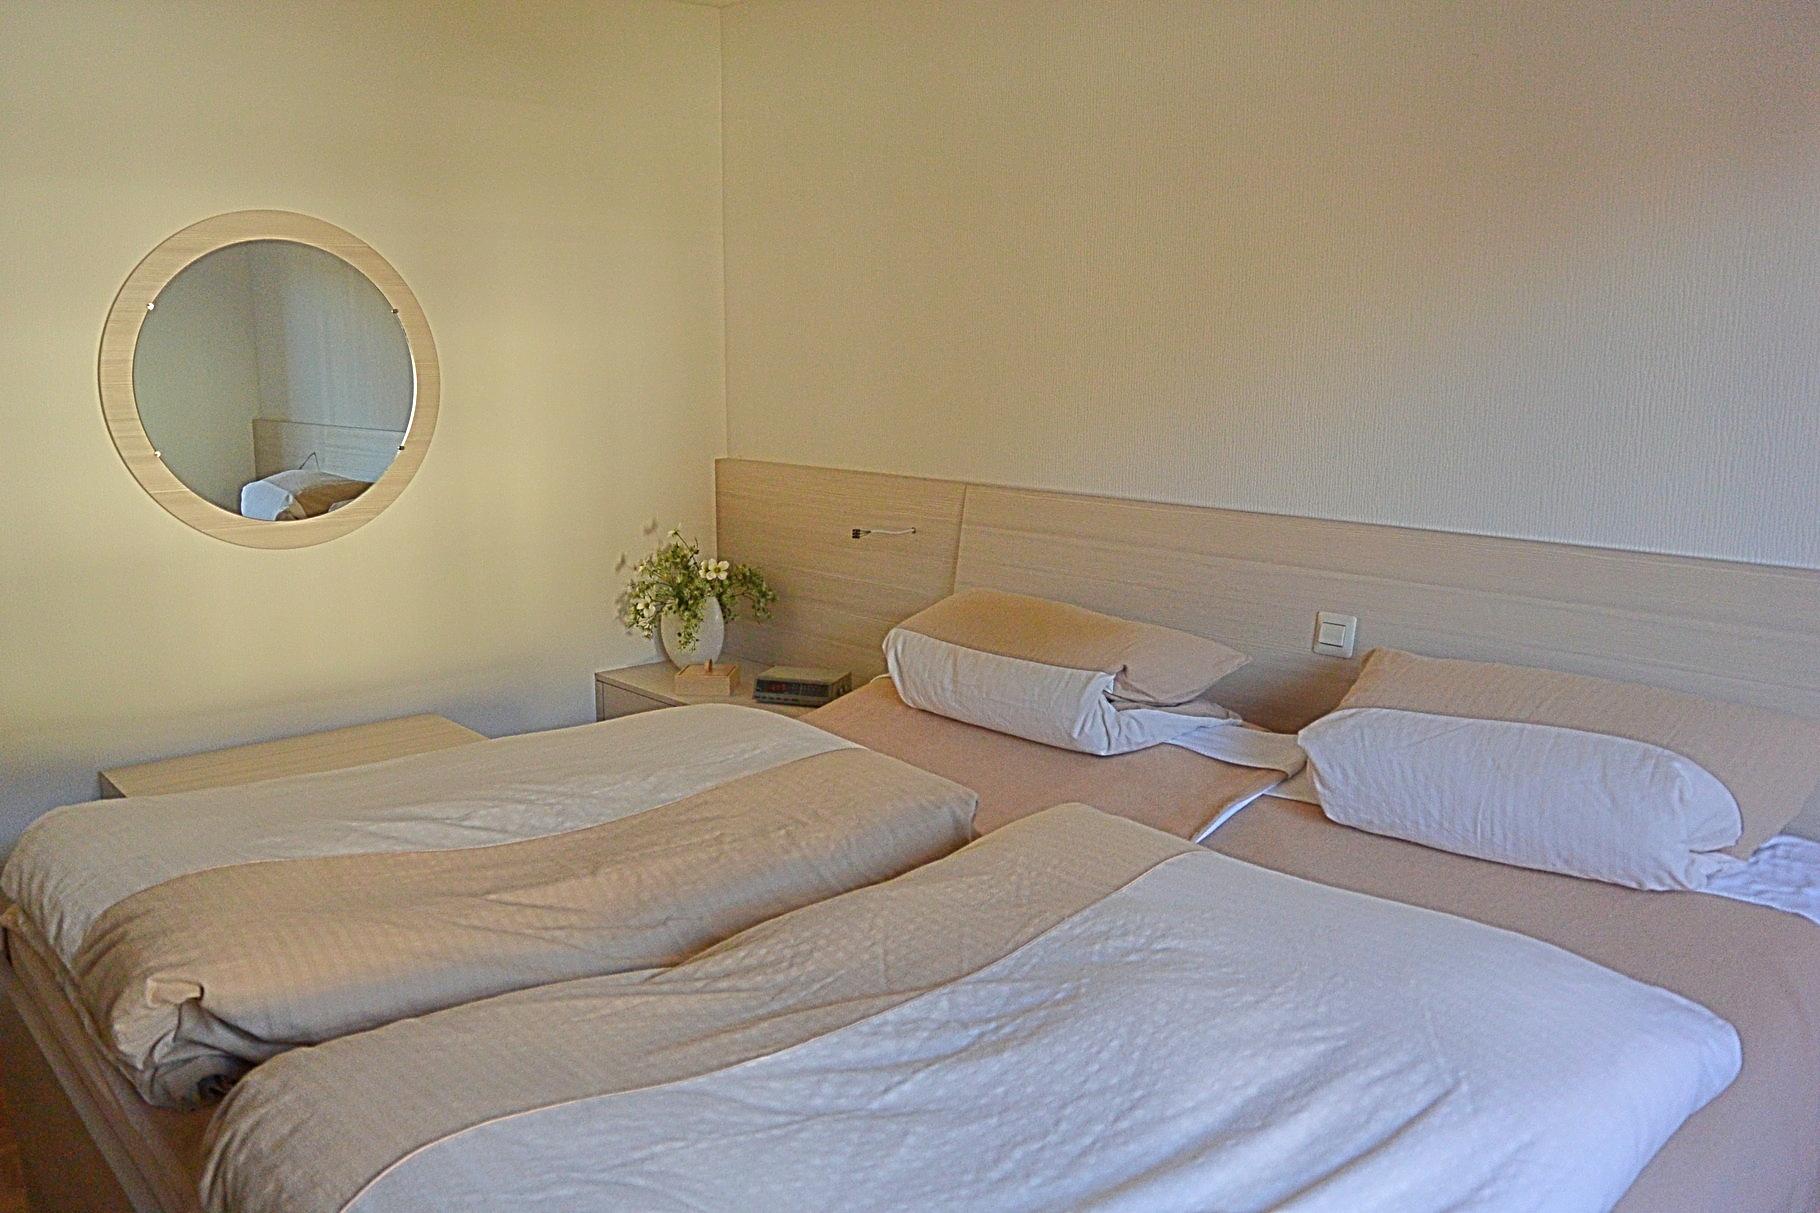 Schlafzimmermöbel mit hellem Dekor, Schiebetürenschrank, ehöhtes Bett und ein schräges Kopfteil